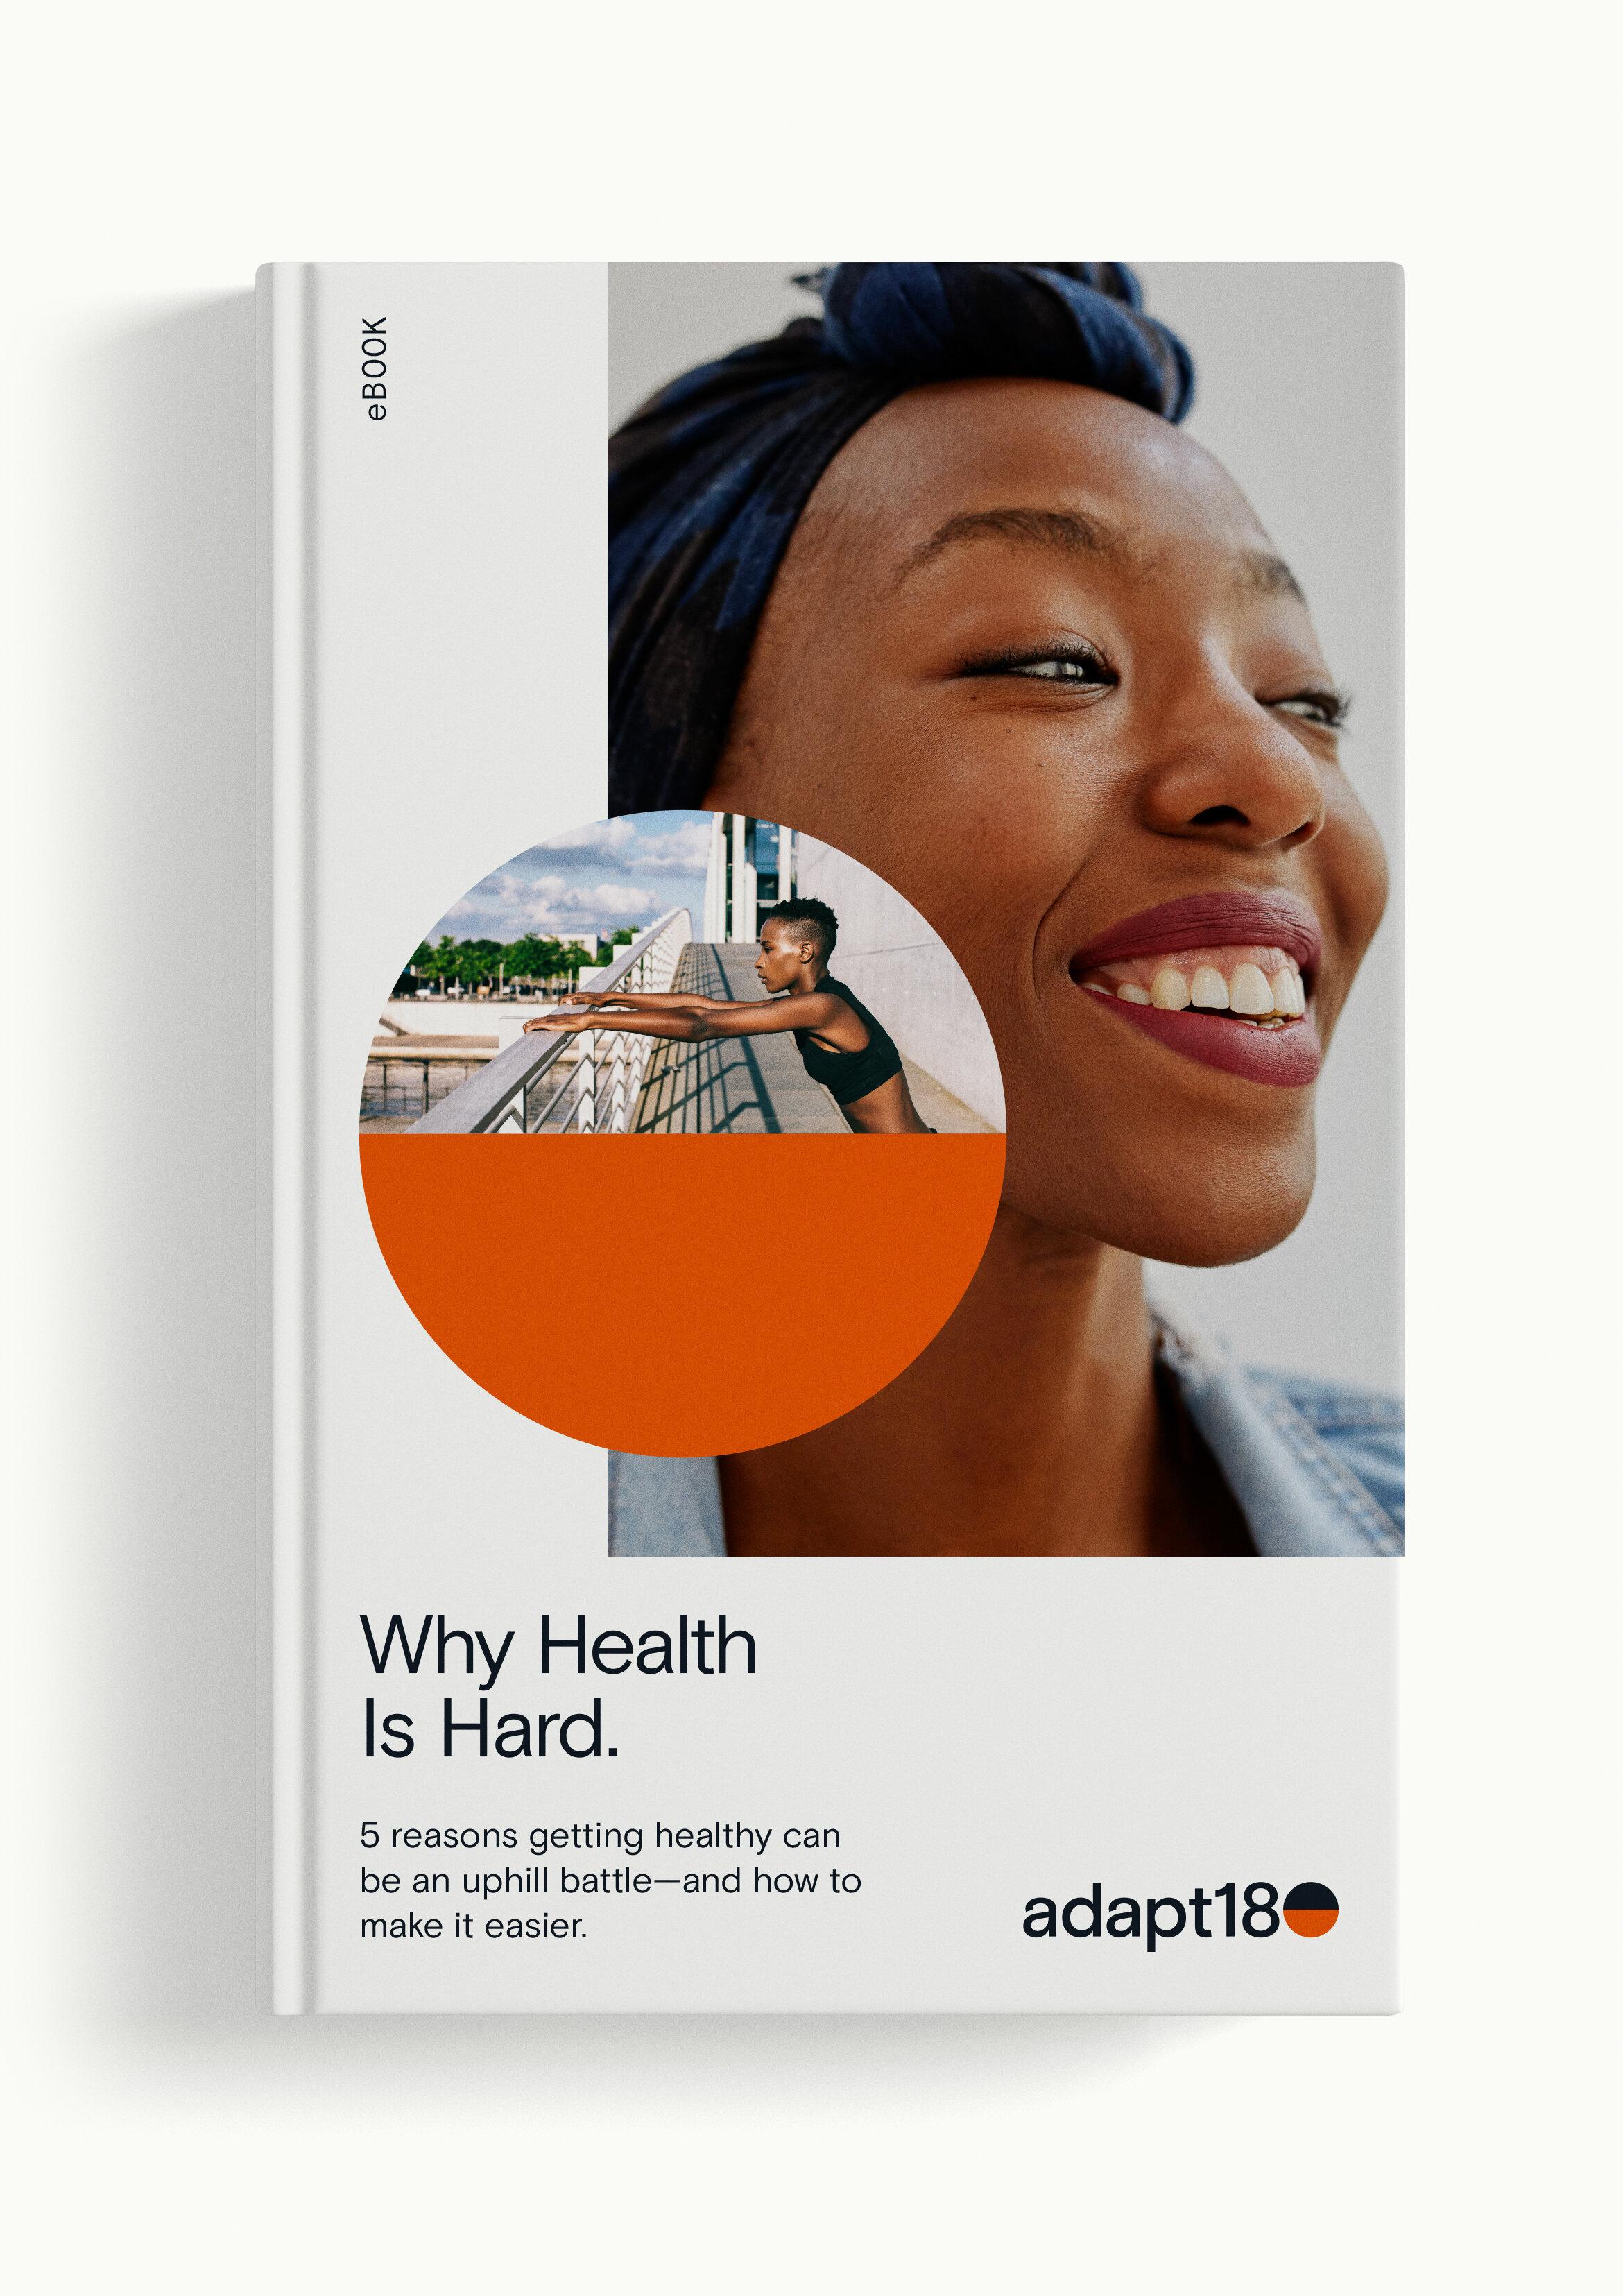 """为什么健康是很难 - 你已经告诉你需要的是...更多的信息,更多的灵感,更有意志力,更有动力,更有纪律性。此列表假设你没有什么需要更健康。这是某种程度上你的错,无论是通过无知或无力。但是,如果这是不正确的?下载免费的电子书""""为什么健康是很难:5个原因恢复健康可以是一场艰苦的战斗,以及如何使其更容易"""",找出为什么感觉这么难健康,为什么它具有非常小的都做了你。"""